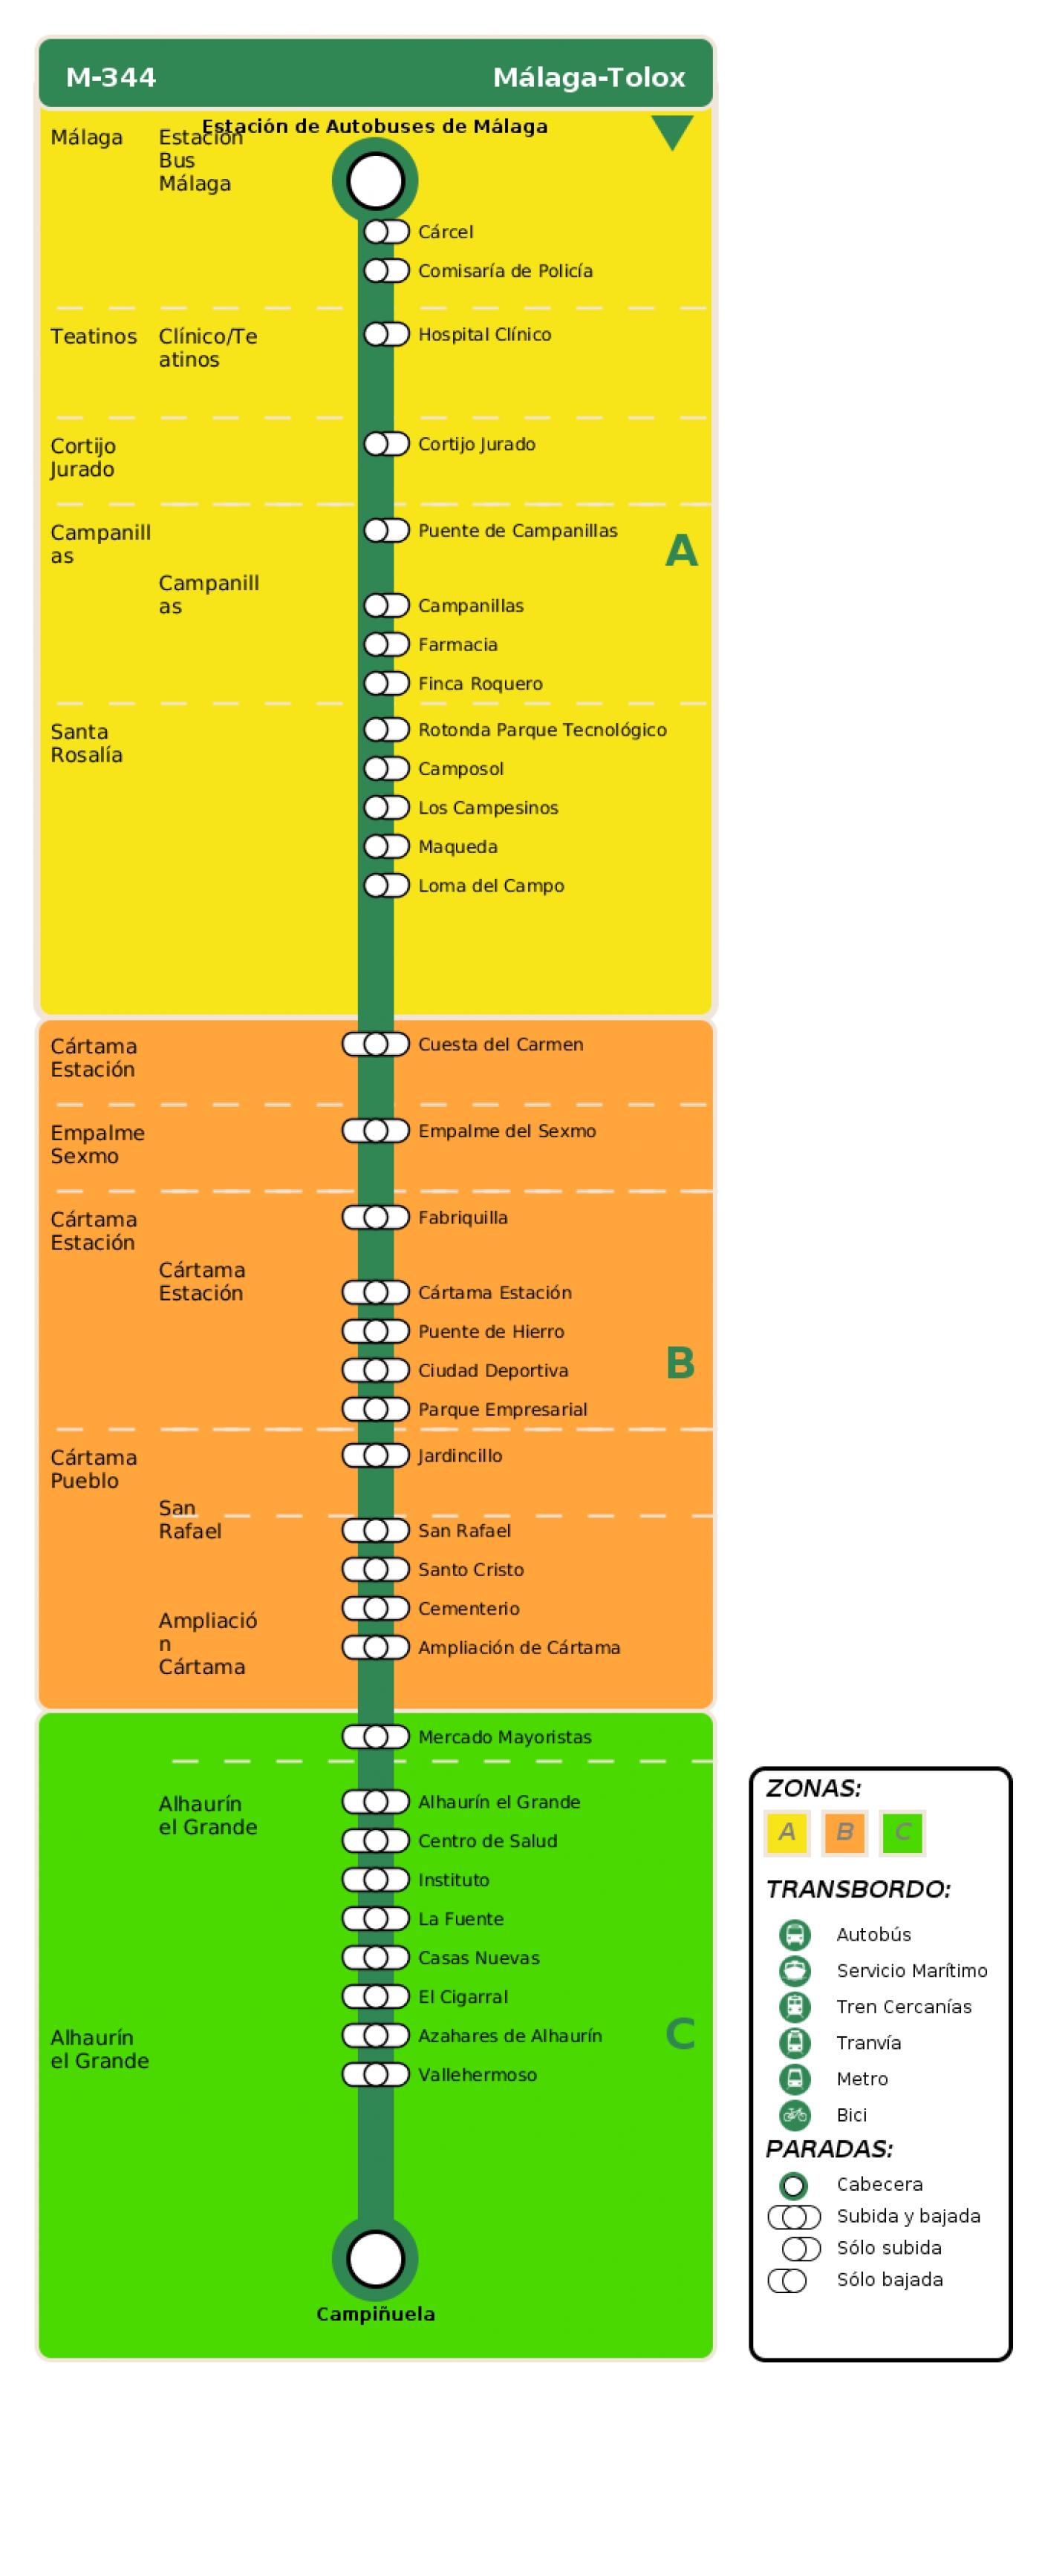 Recorrido esquemático, paradas y correspondencias en sentido ida Línea M-344: Málaga - Tolox